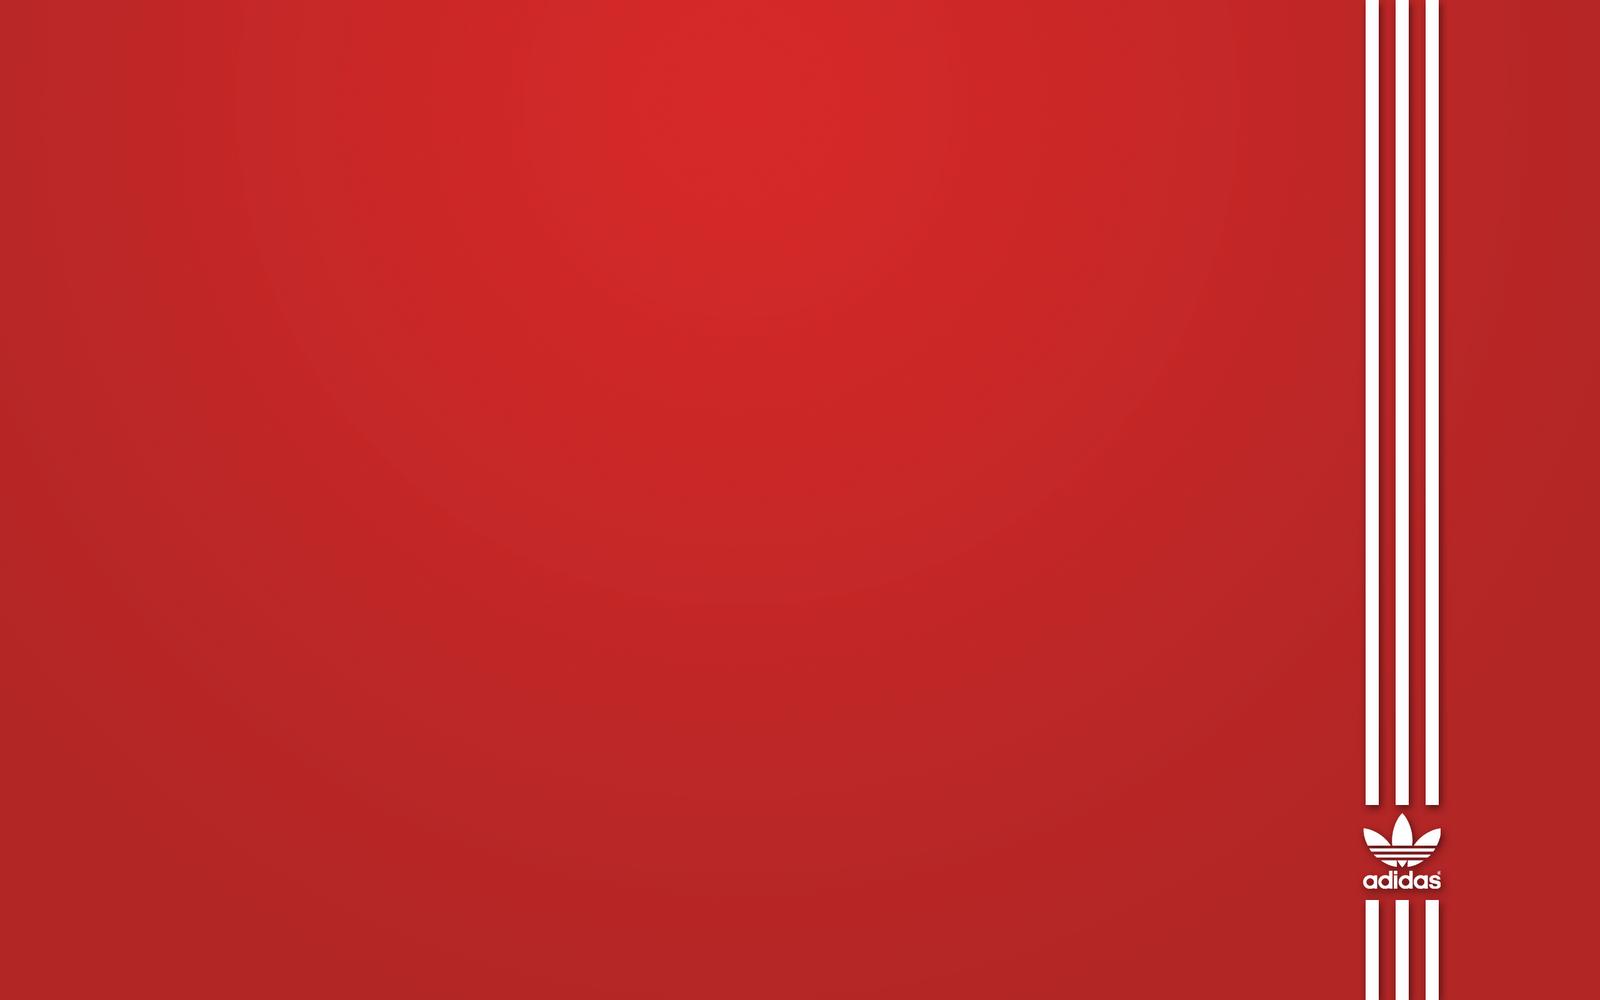 http://3.bp.blogspot.com/-Pq9ue_OO1ao/TWgJ4FqH5BI/AAAAAAAADpM/V7enPRz7vLw/s1600/Rode-achtergronden-rood-achtergrond-rode-wallpapers-hd-24.png